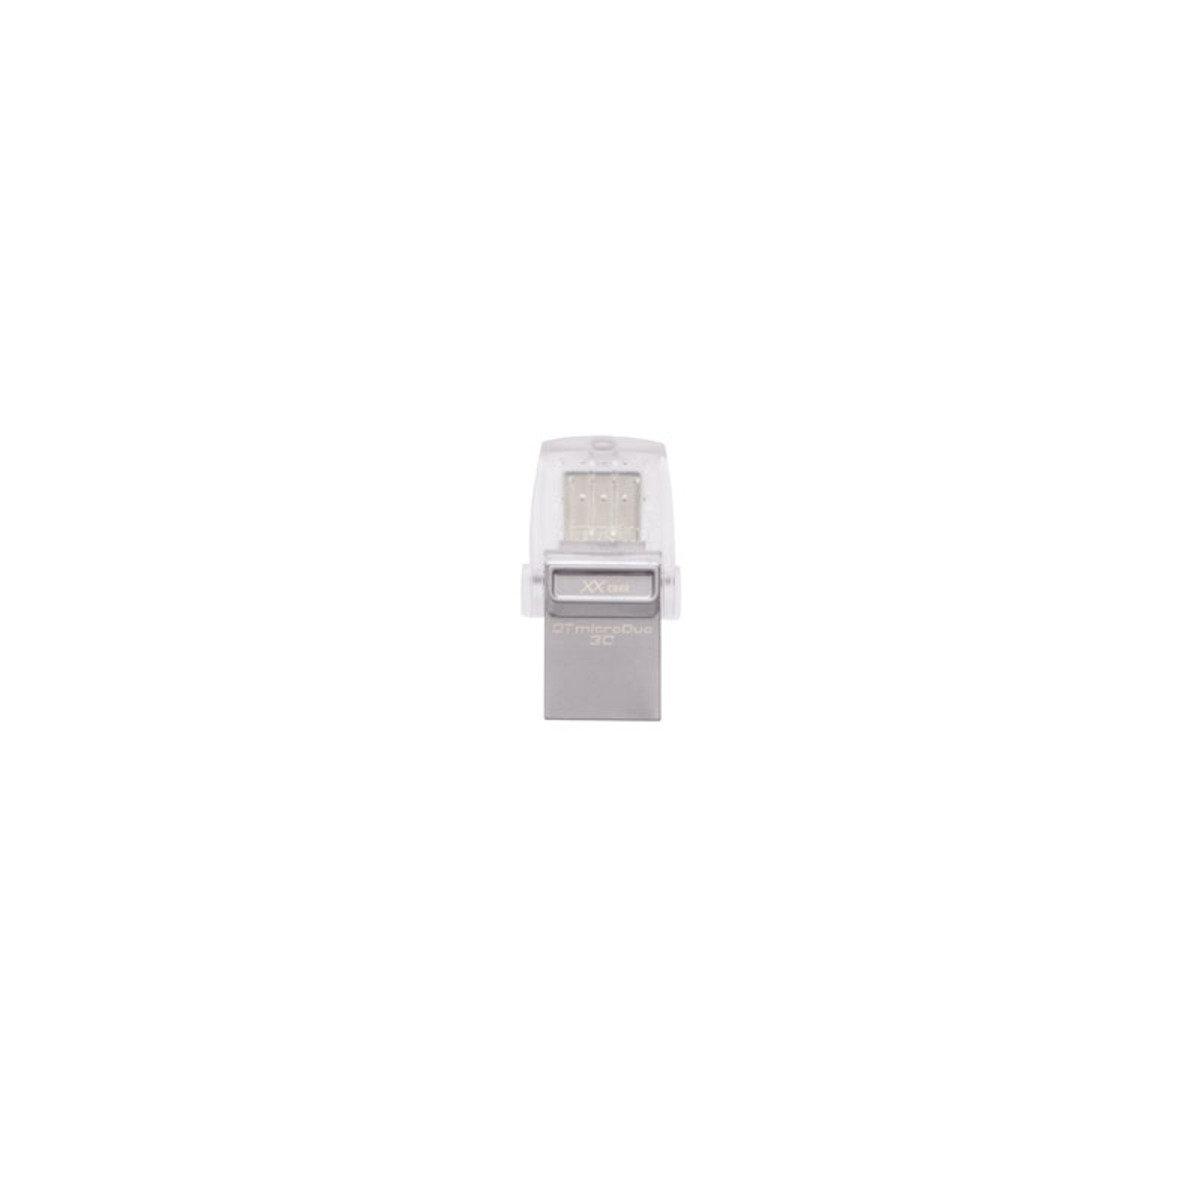 USB3.1 Type-A&C OTG 64GB 迷你雙介面快閃記憶棒 DTDUO3C/64GB